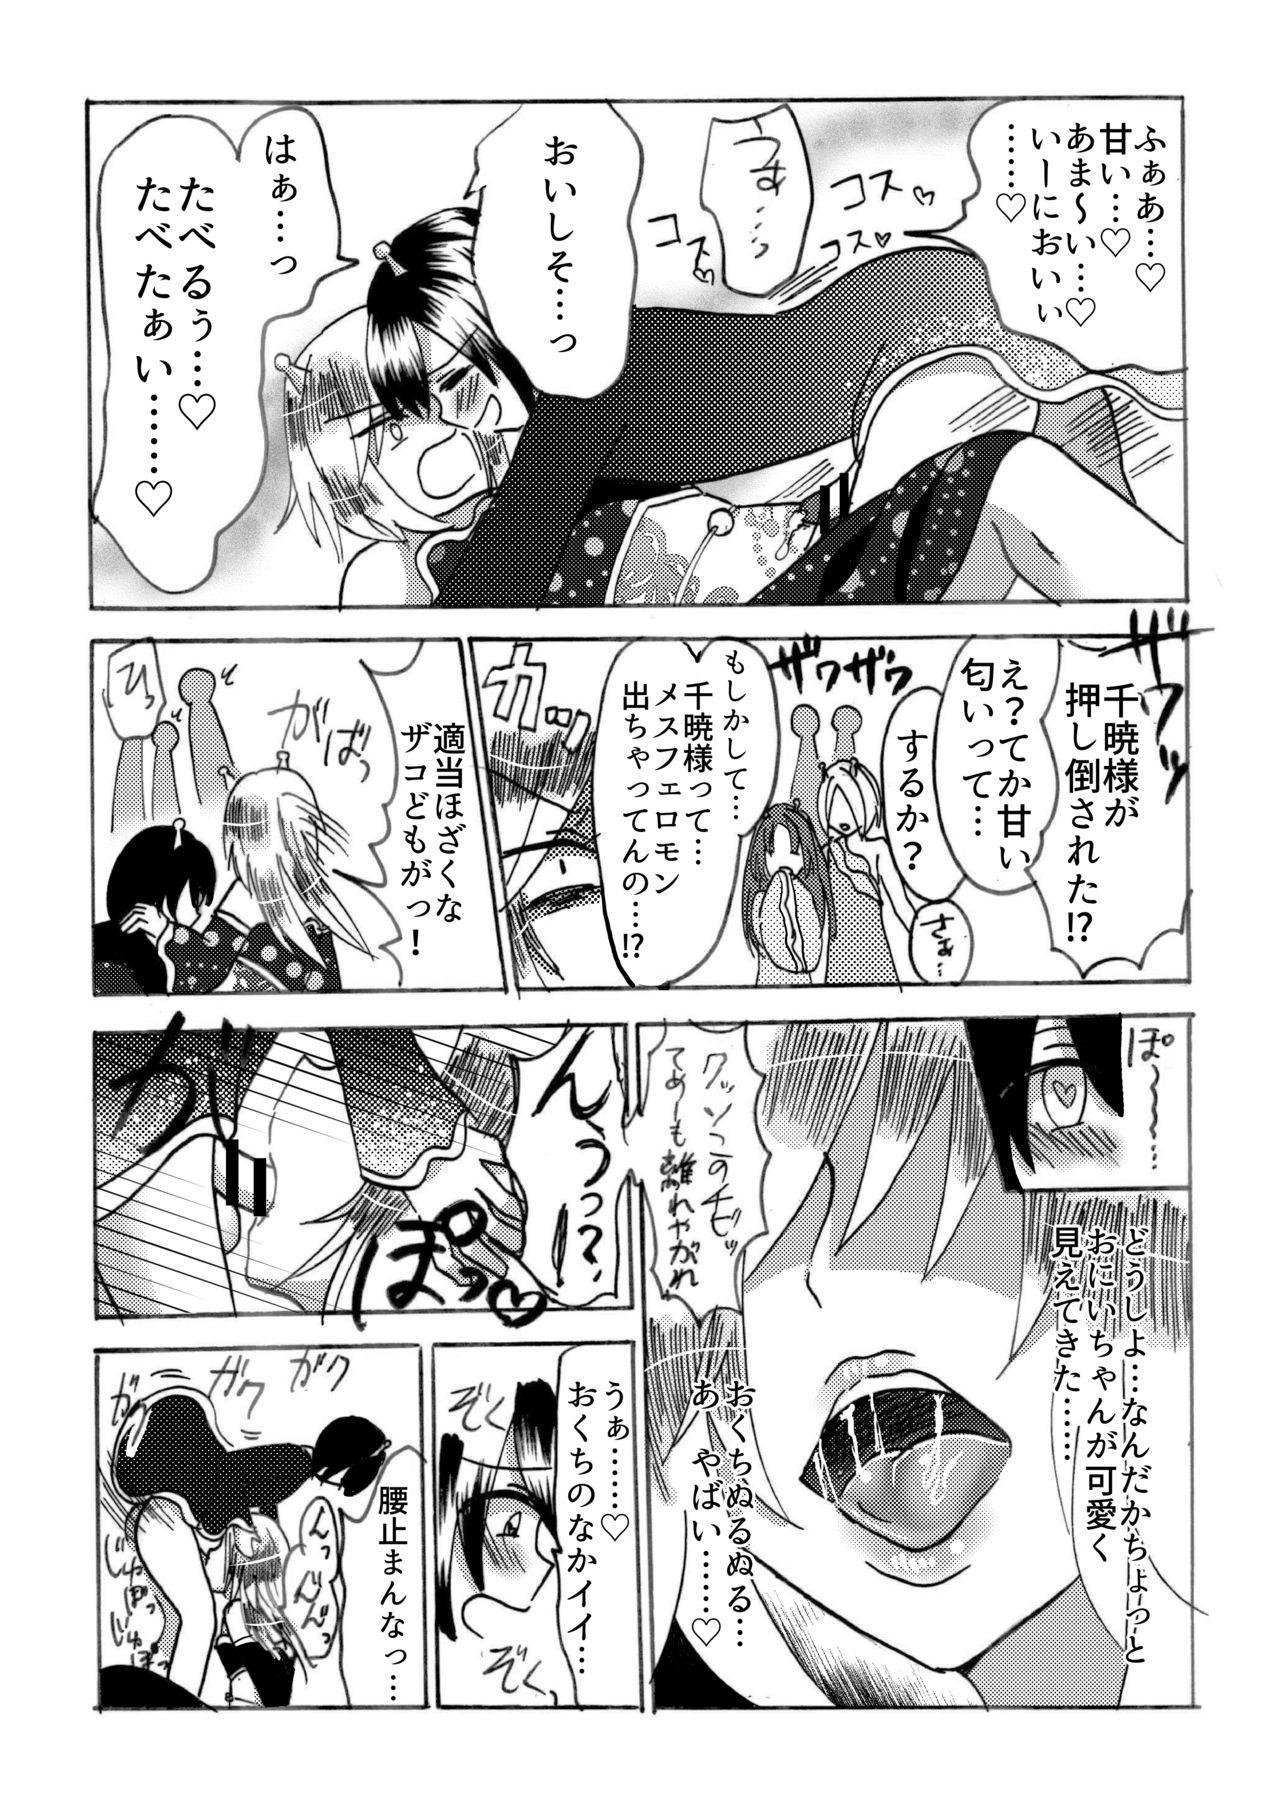 Hira-zoku no Hanashi 15